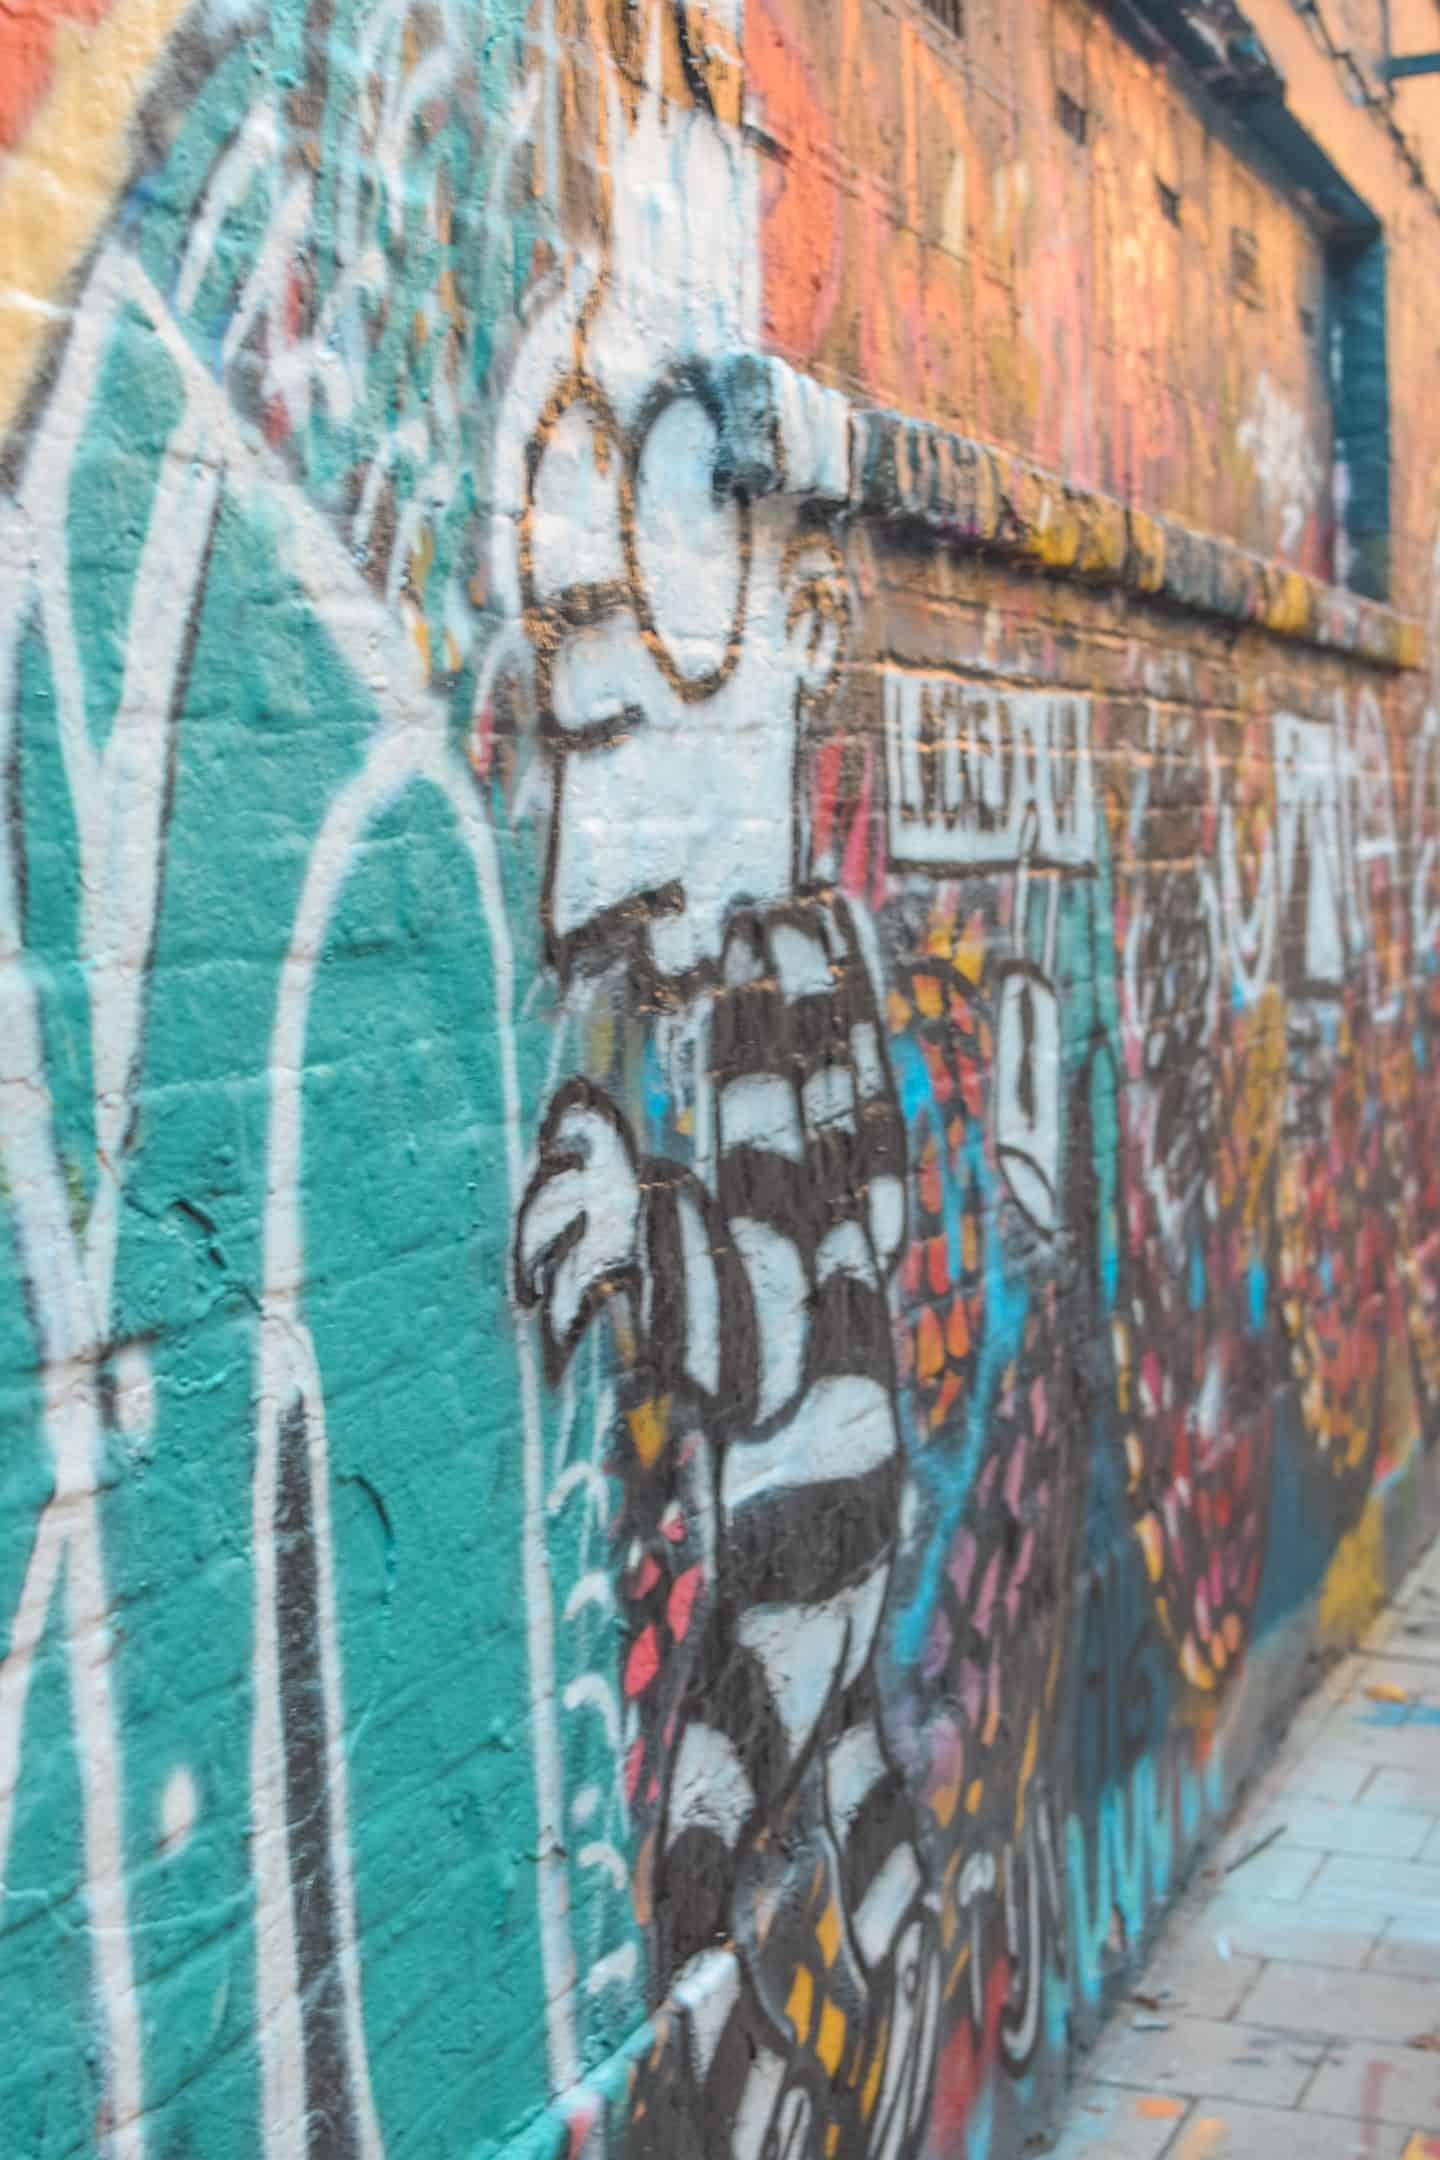 Graffiti street in Ghent